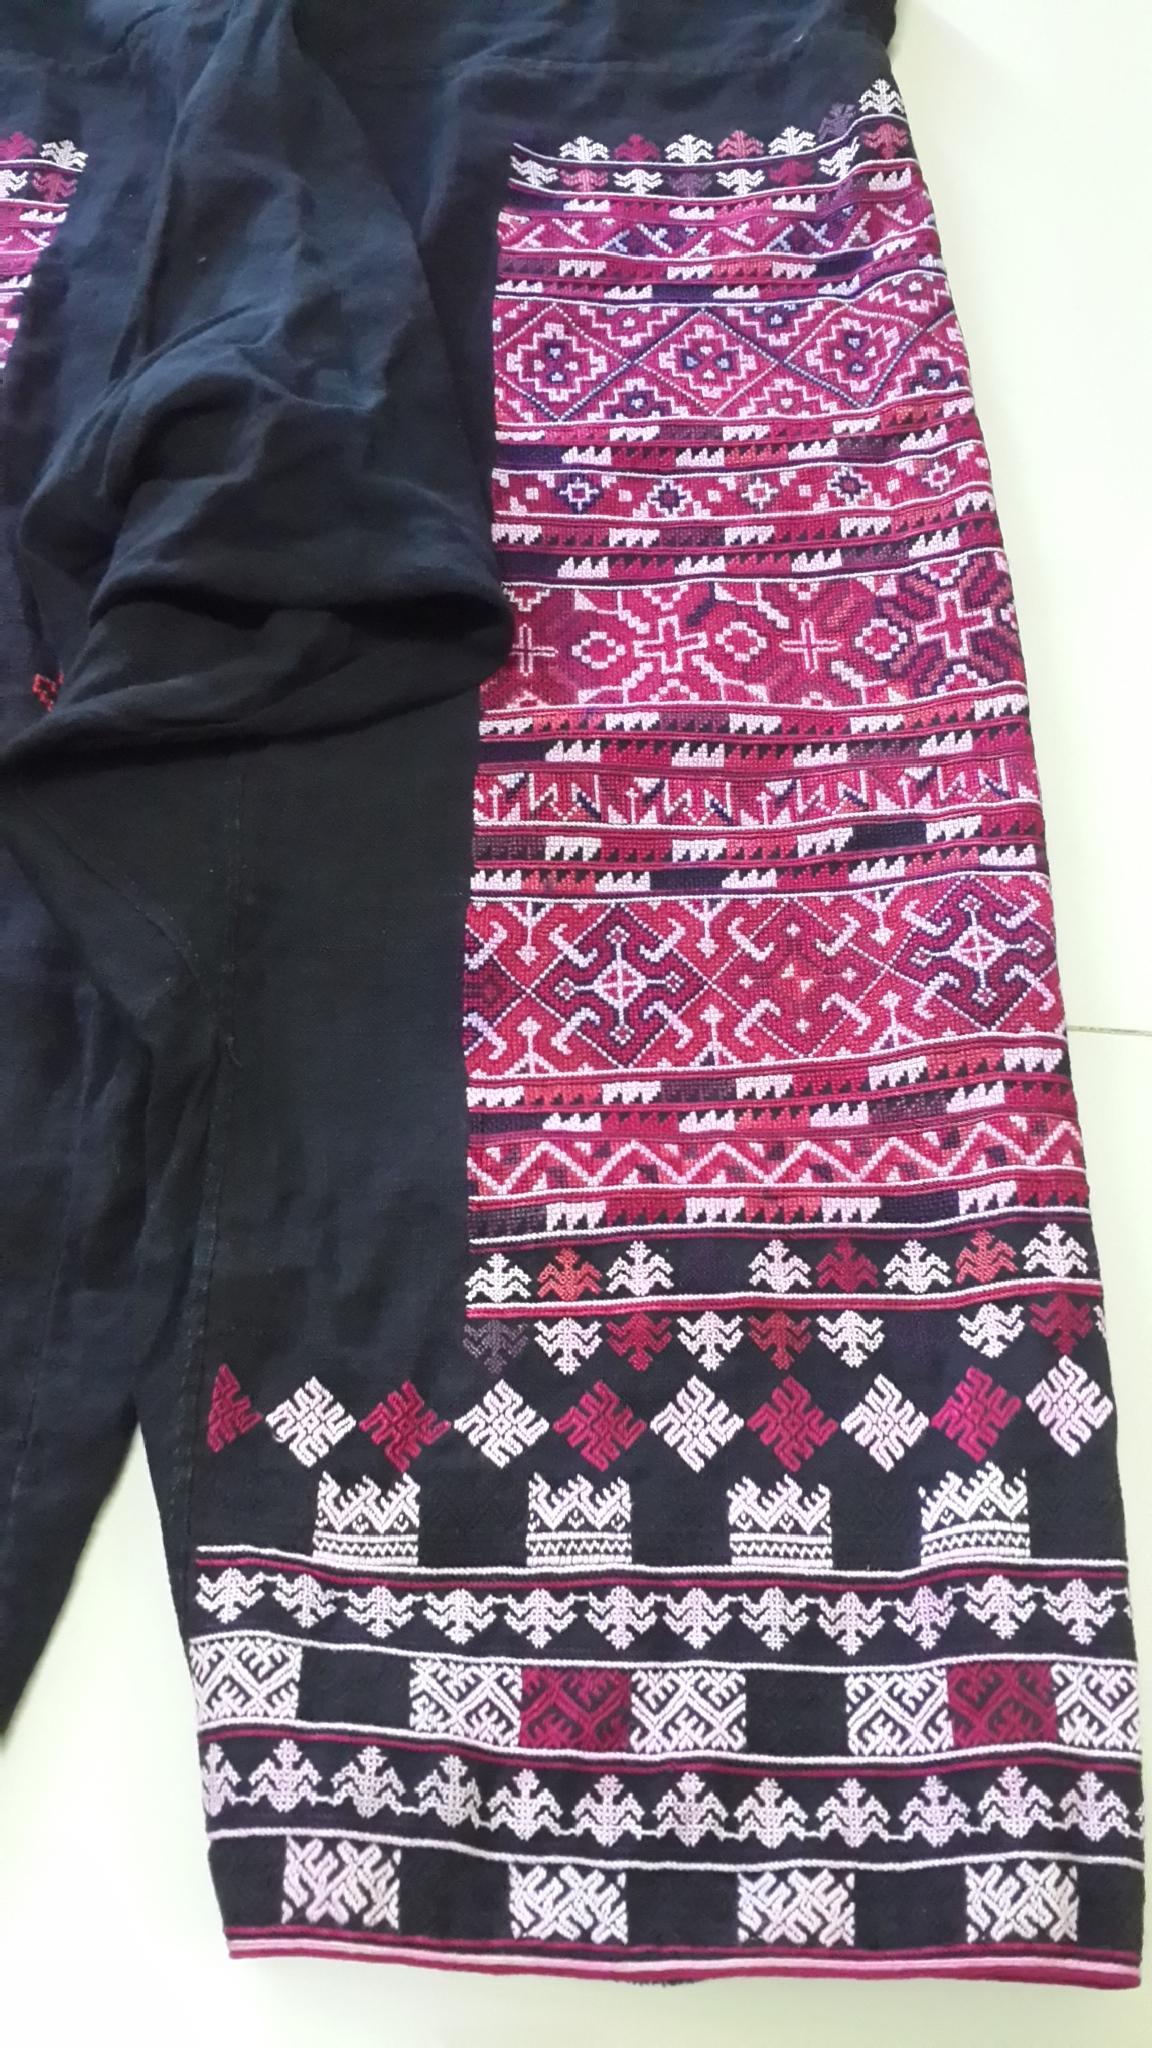 กางเกงผ้าปักมือ โทนสีชมพูเก่า ผืนยาว